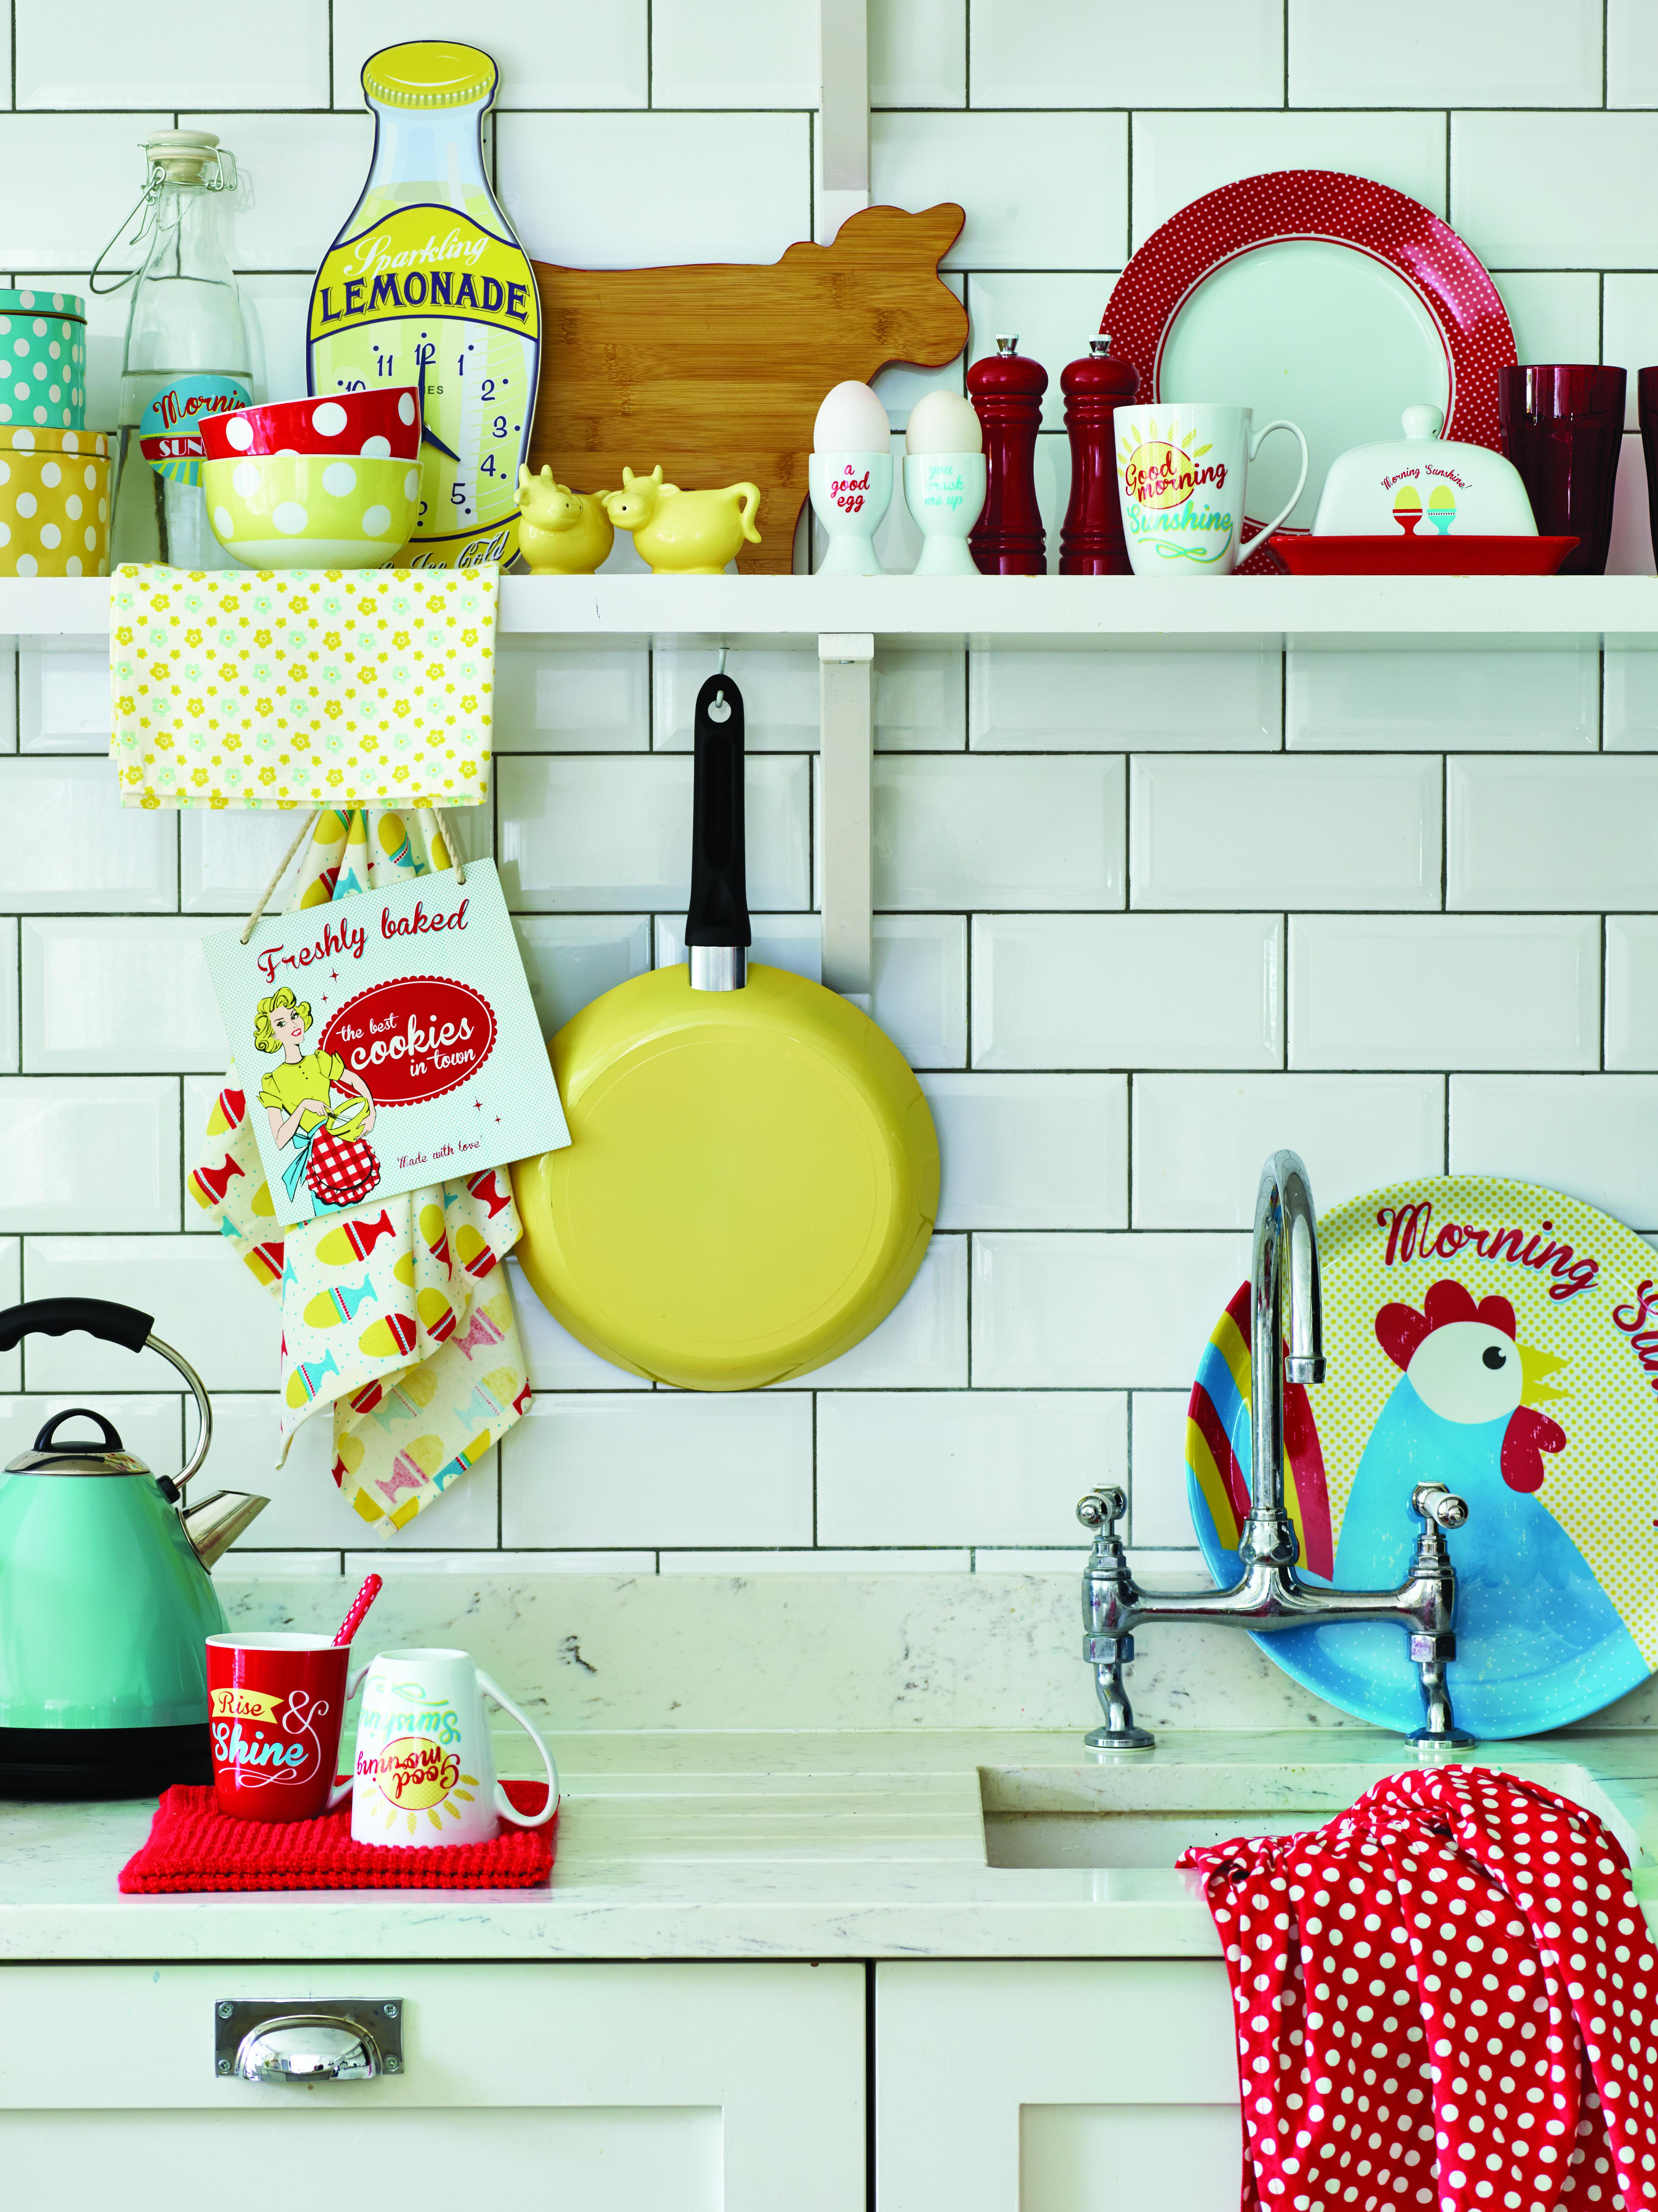 Retro Kitchen Accessories Retro Tea Towel The Treasure Hunter Well Designed Quirky And